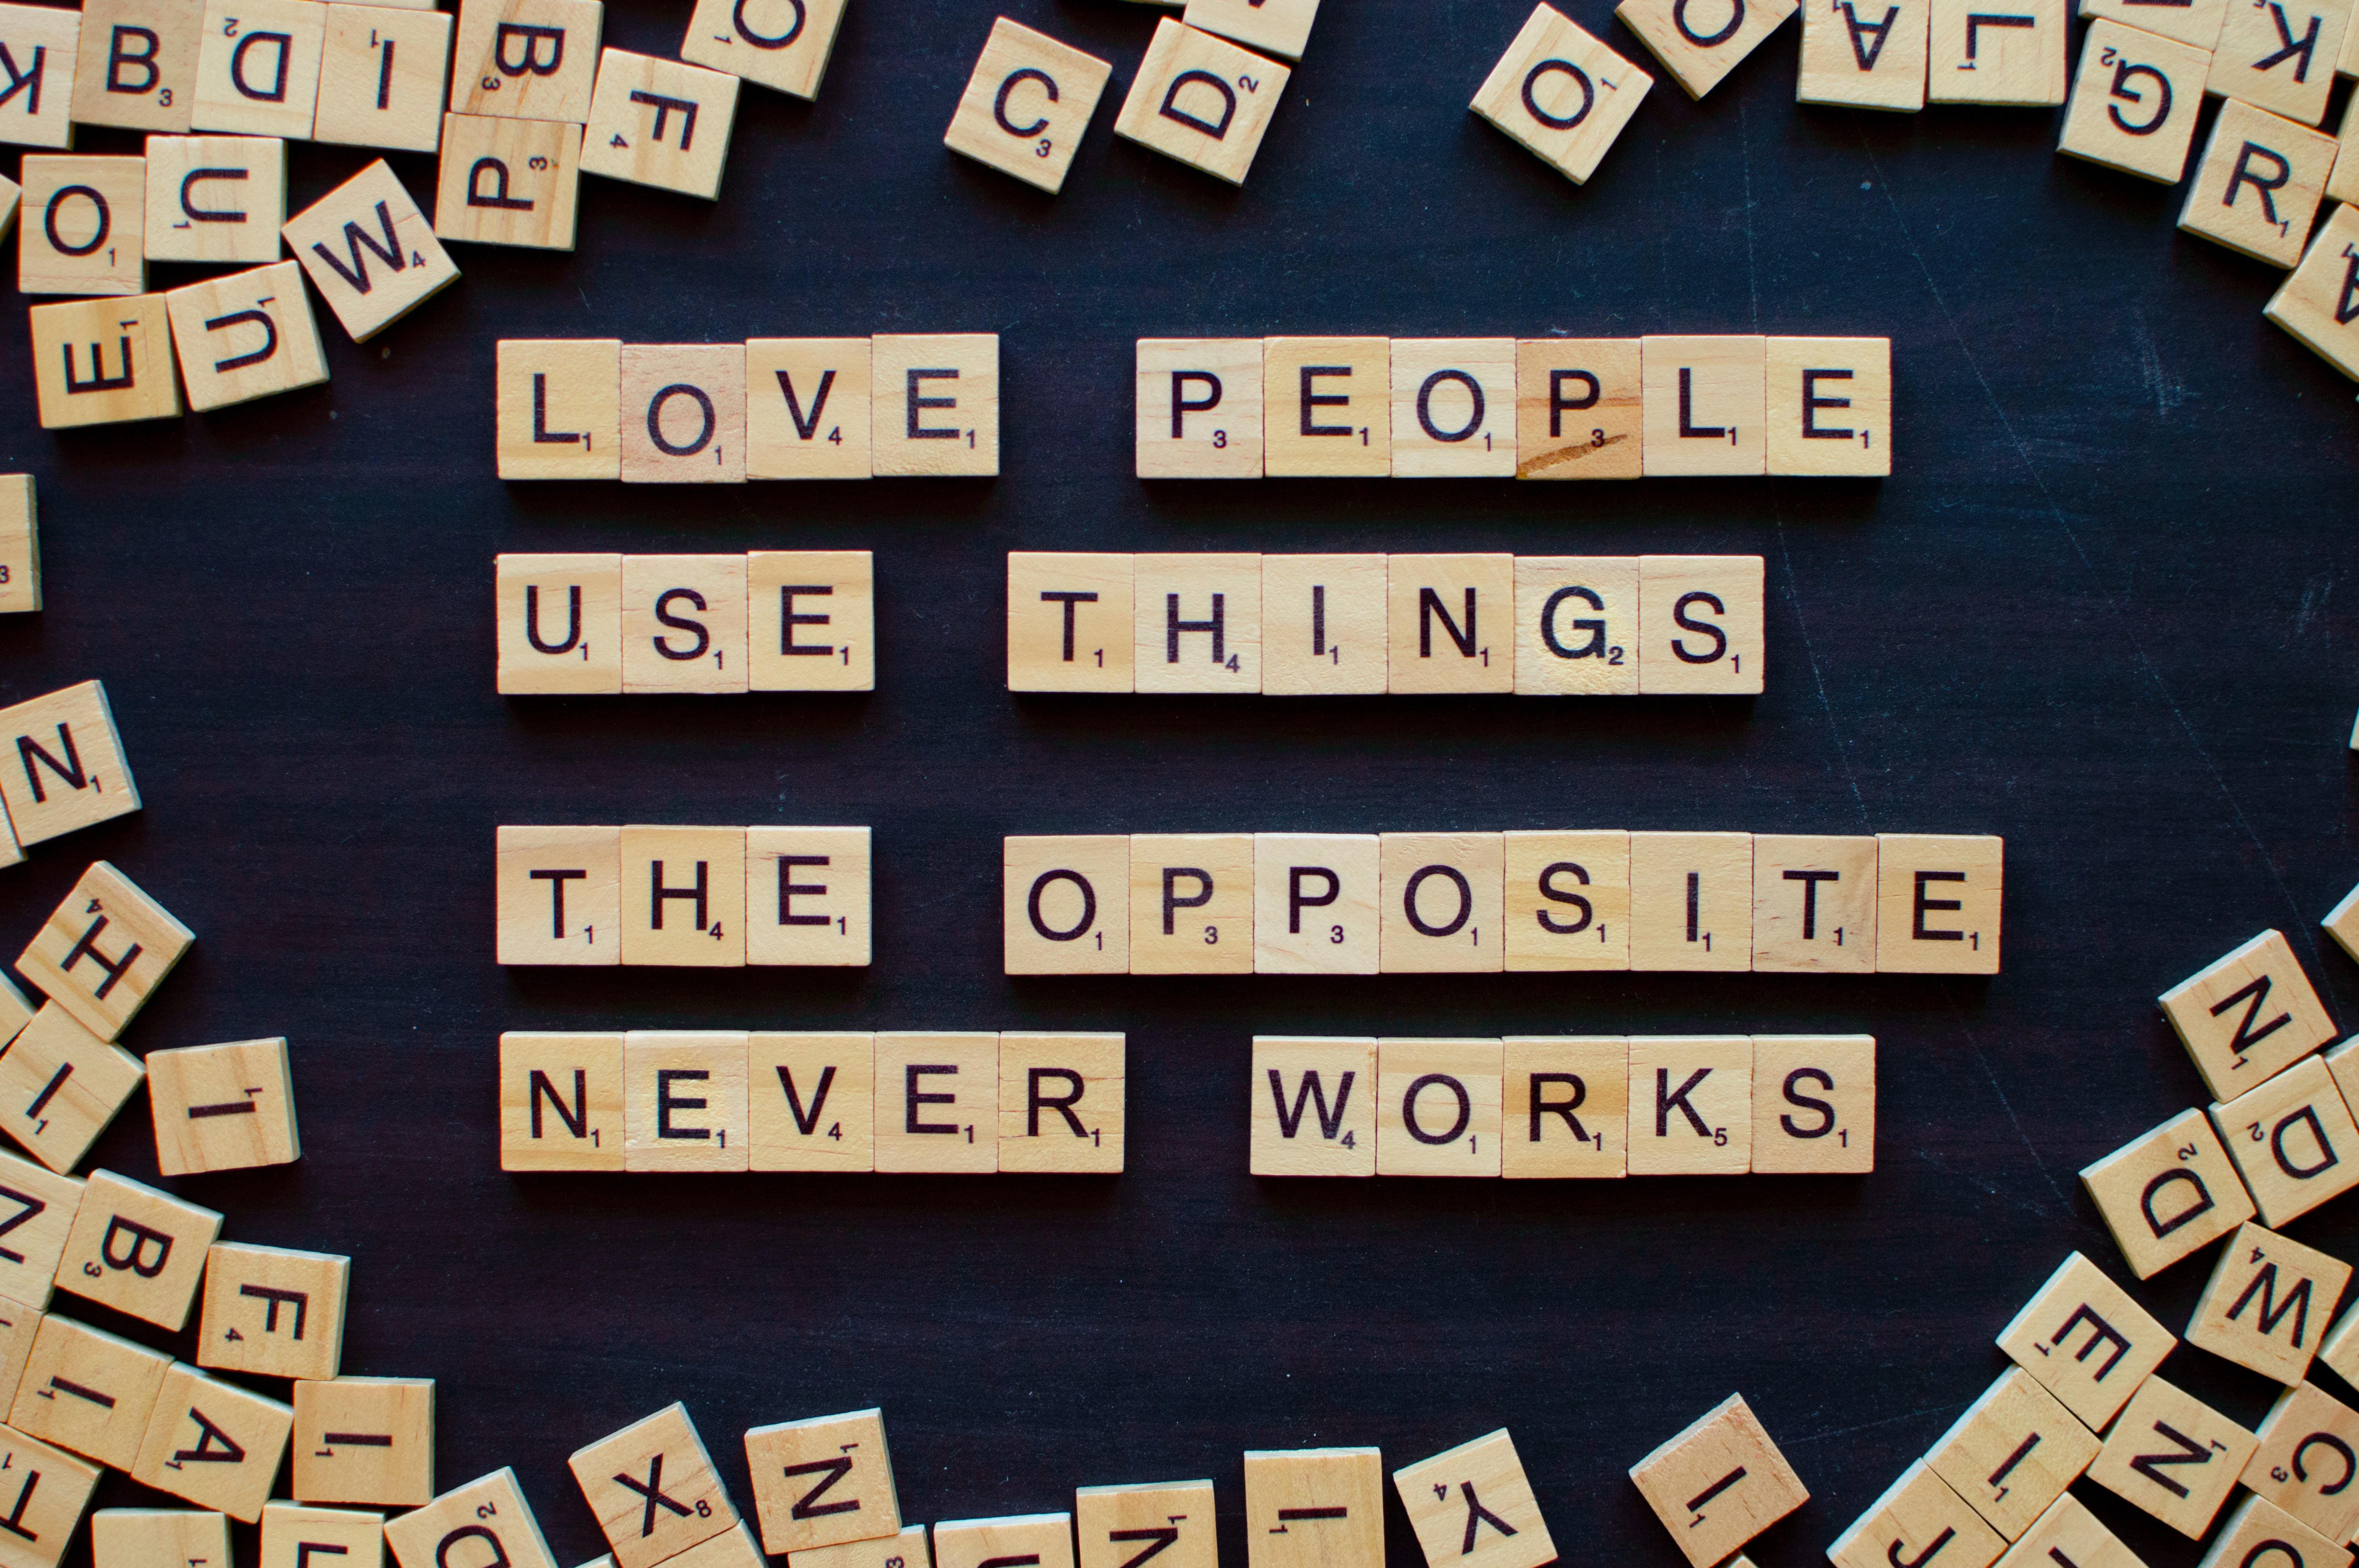 """""""Love people, use things. The opposite never works."""" - """"Liebe Menschen und verwende Dinge. Das Gegenteil funktioniert nicht."""" ist eines der bekanntesten Zitate von """"The Minimalists"""". -Fotocredits: Emile Perron/Unsplash"""